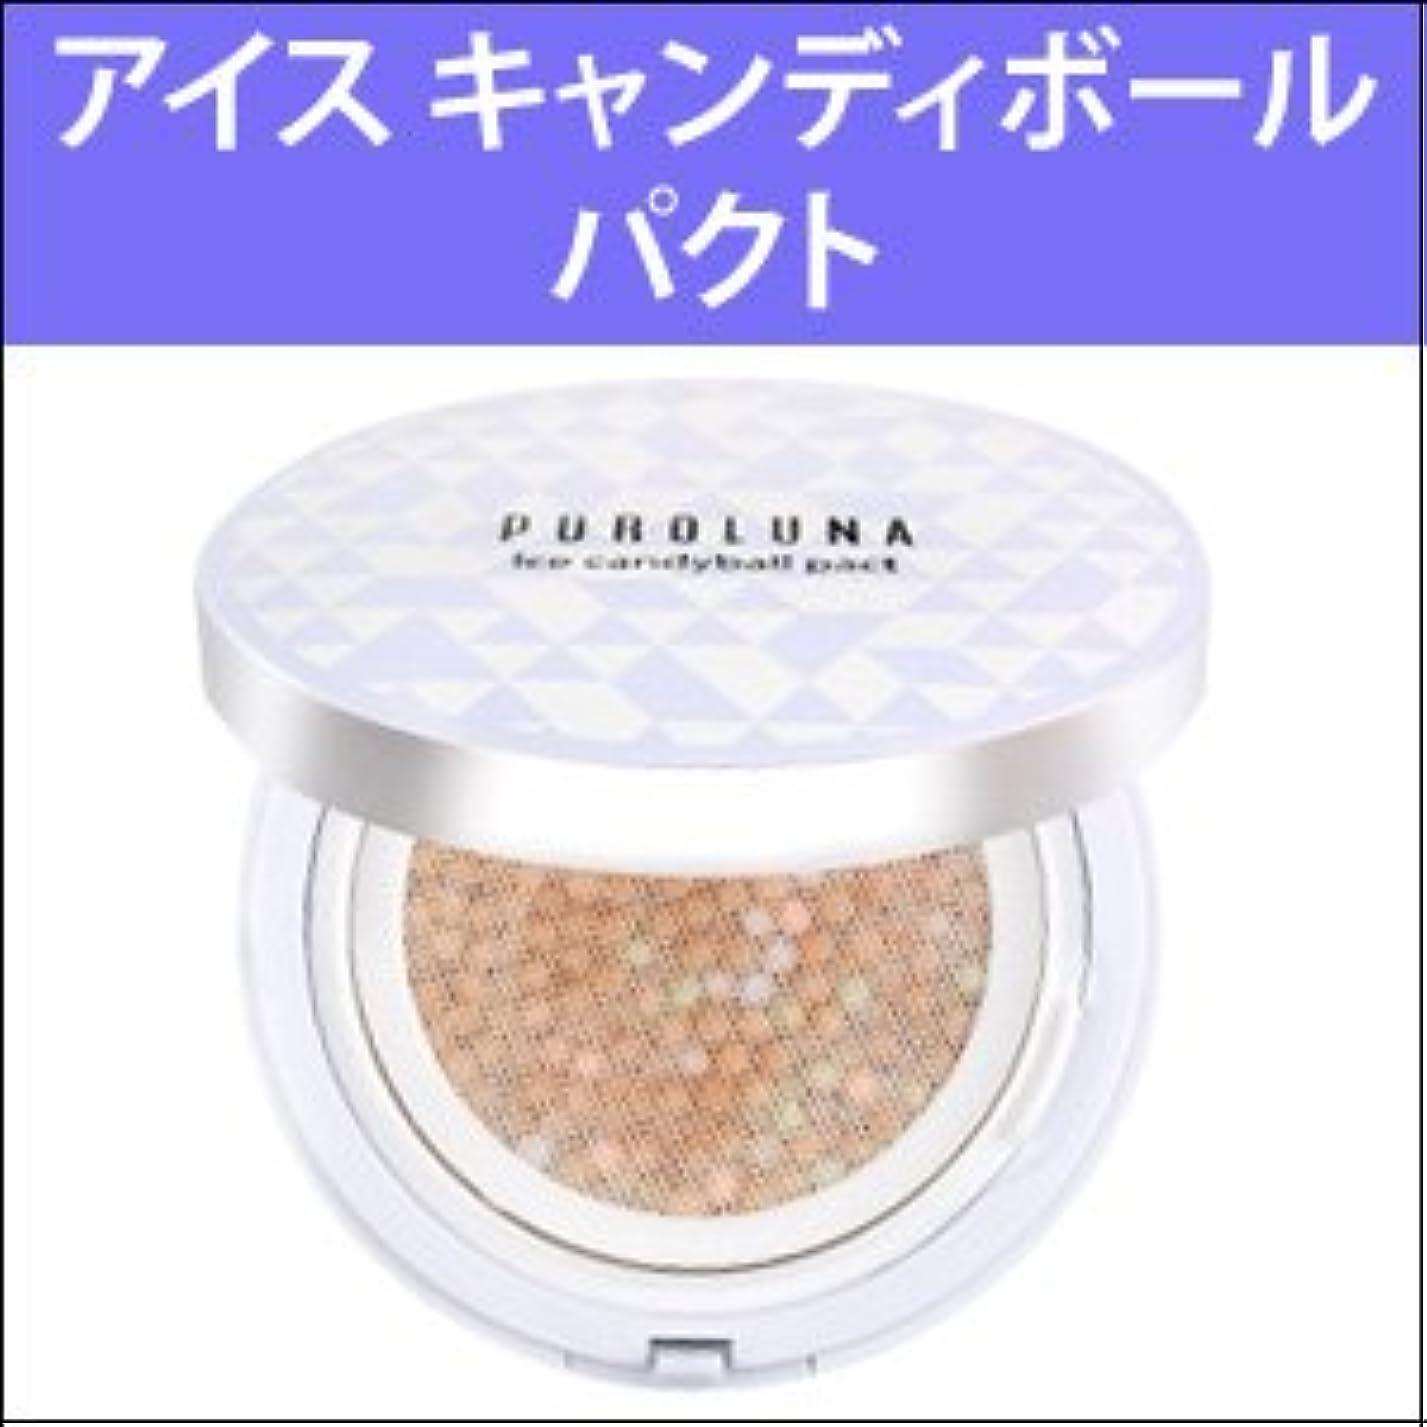 森ミュート最後に『PUROLUNA?プロルナ』 アイス キャンディボール パクト(SPF50+/PA+++) カラー:2号 ベージュ